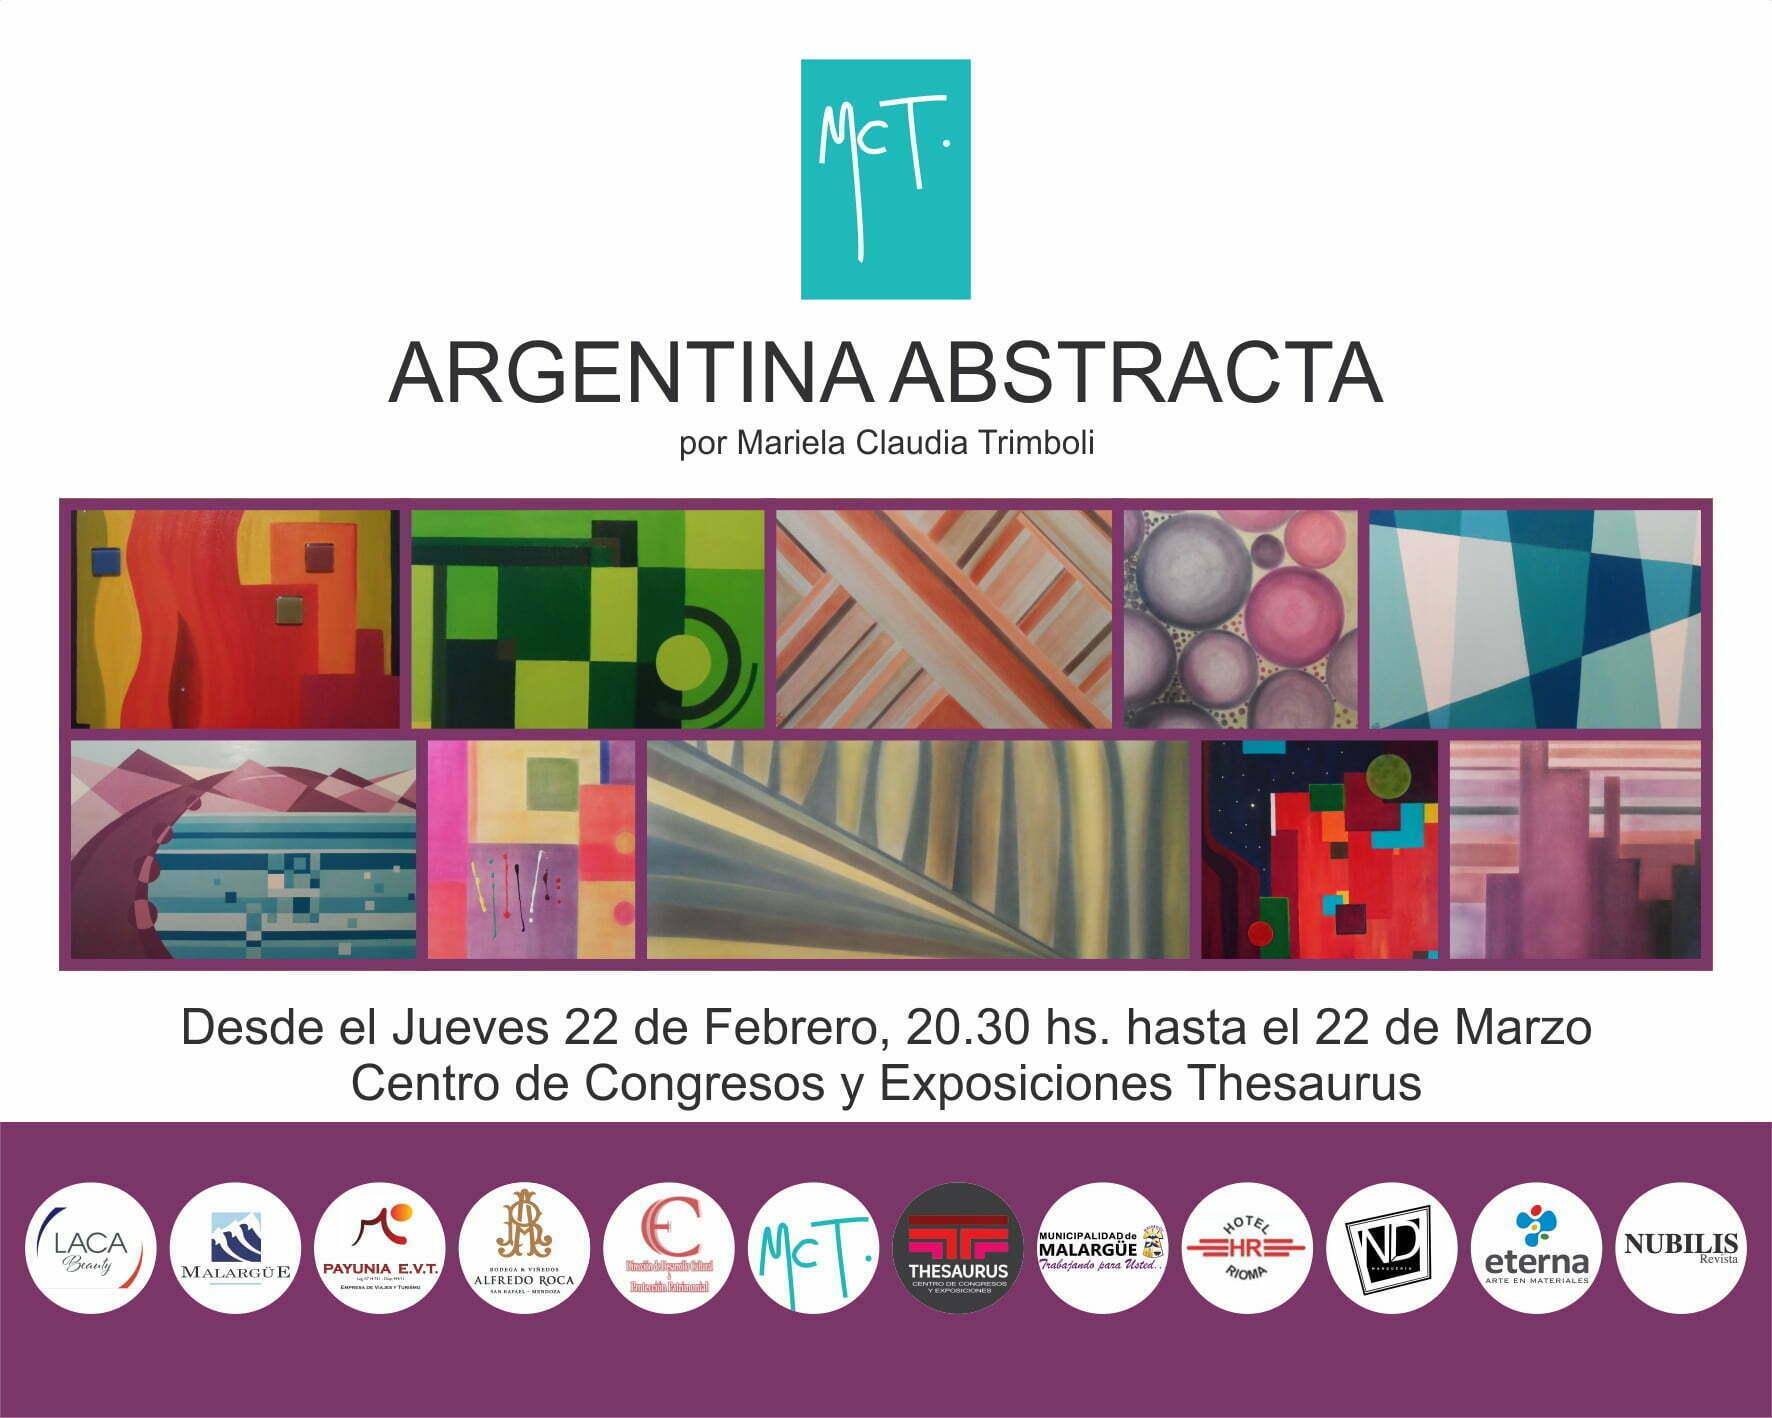 """La colección de cuadros """"Argentina Abstracta"""" se presenta en el Centro de Congresos y Exposiciones Thesaurus"""